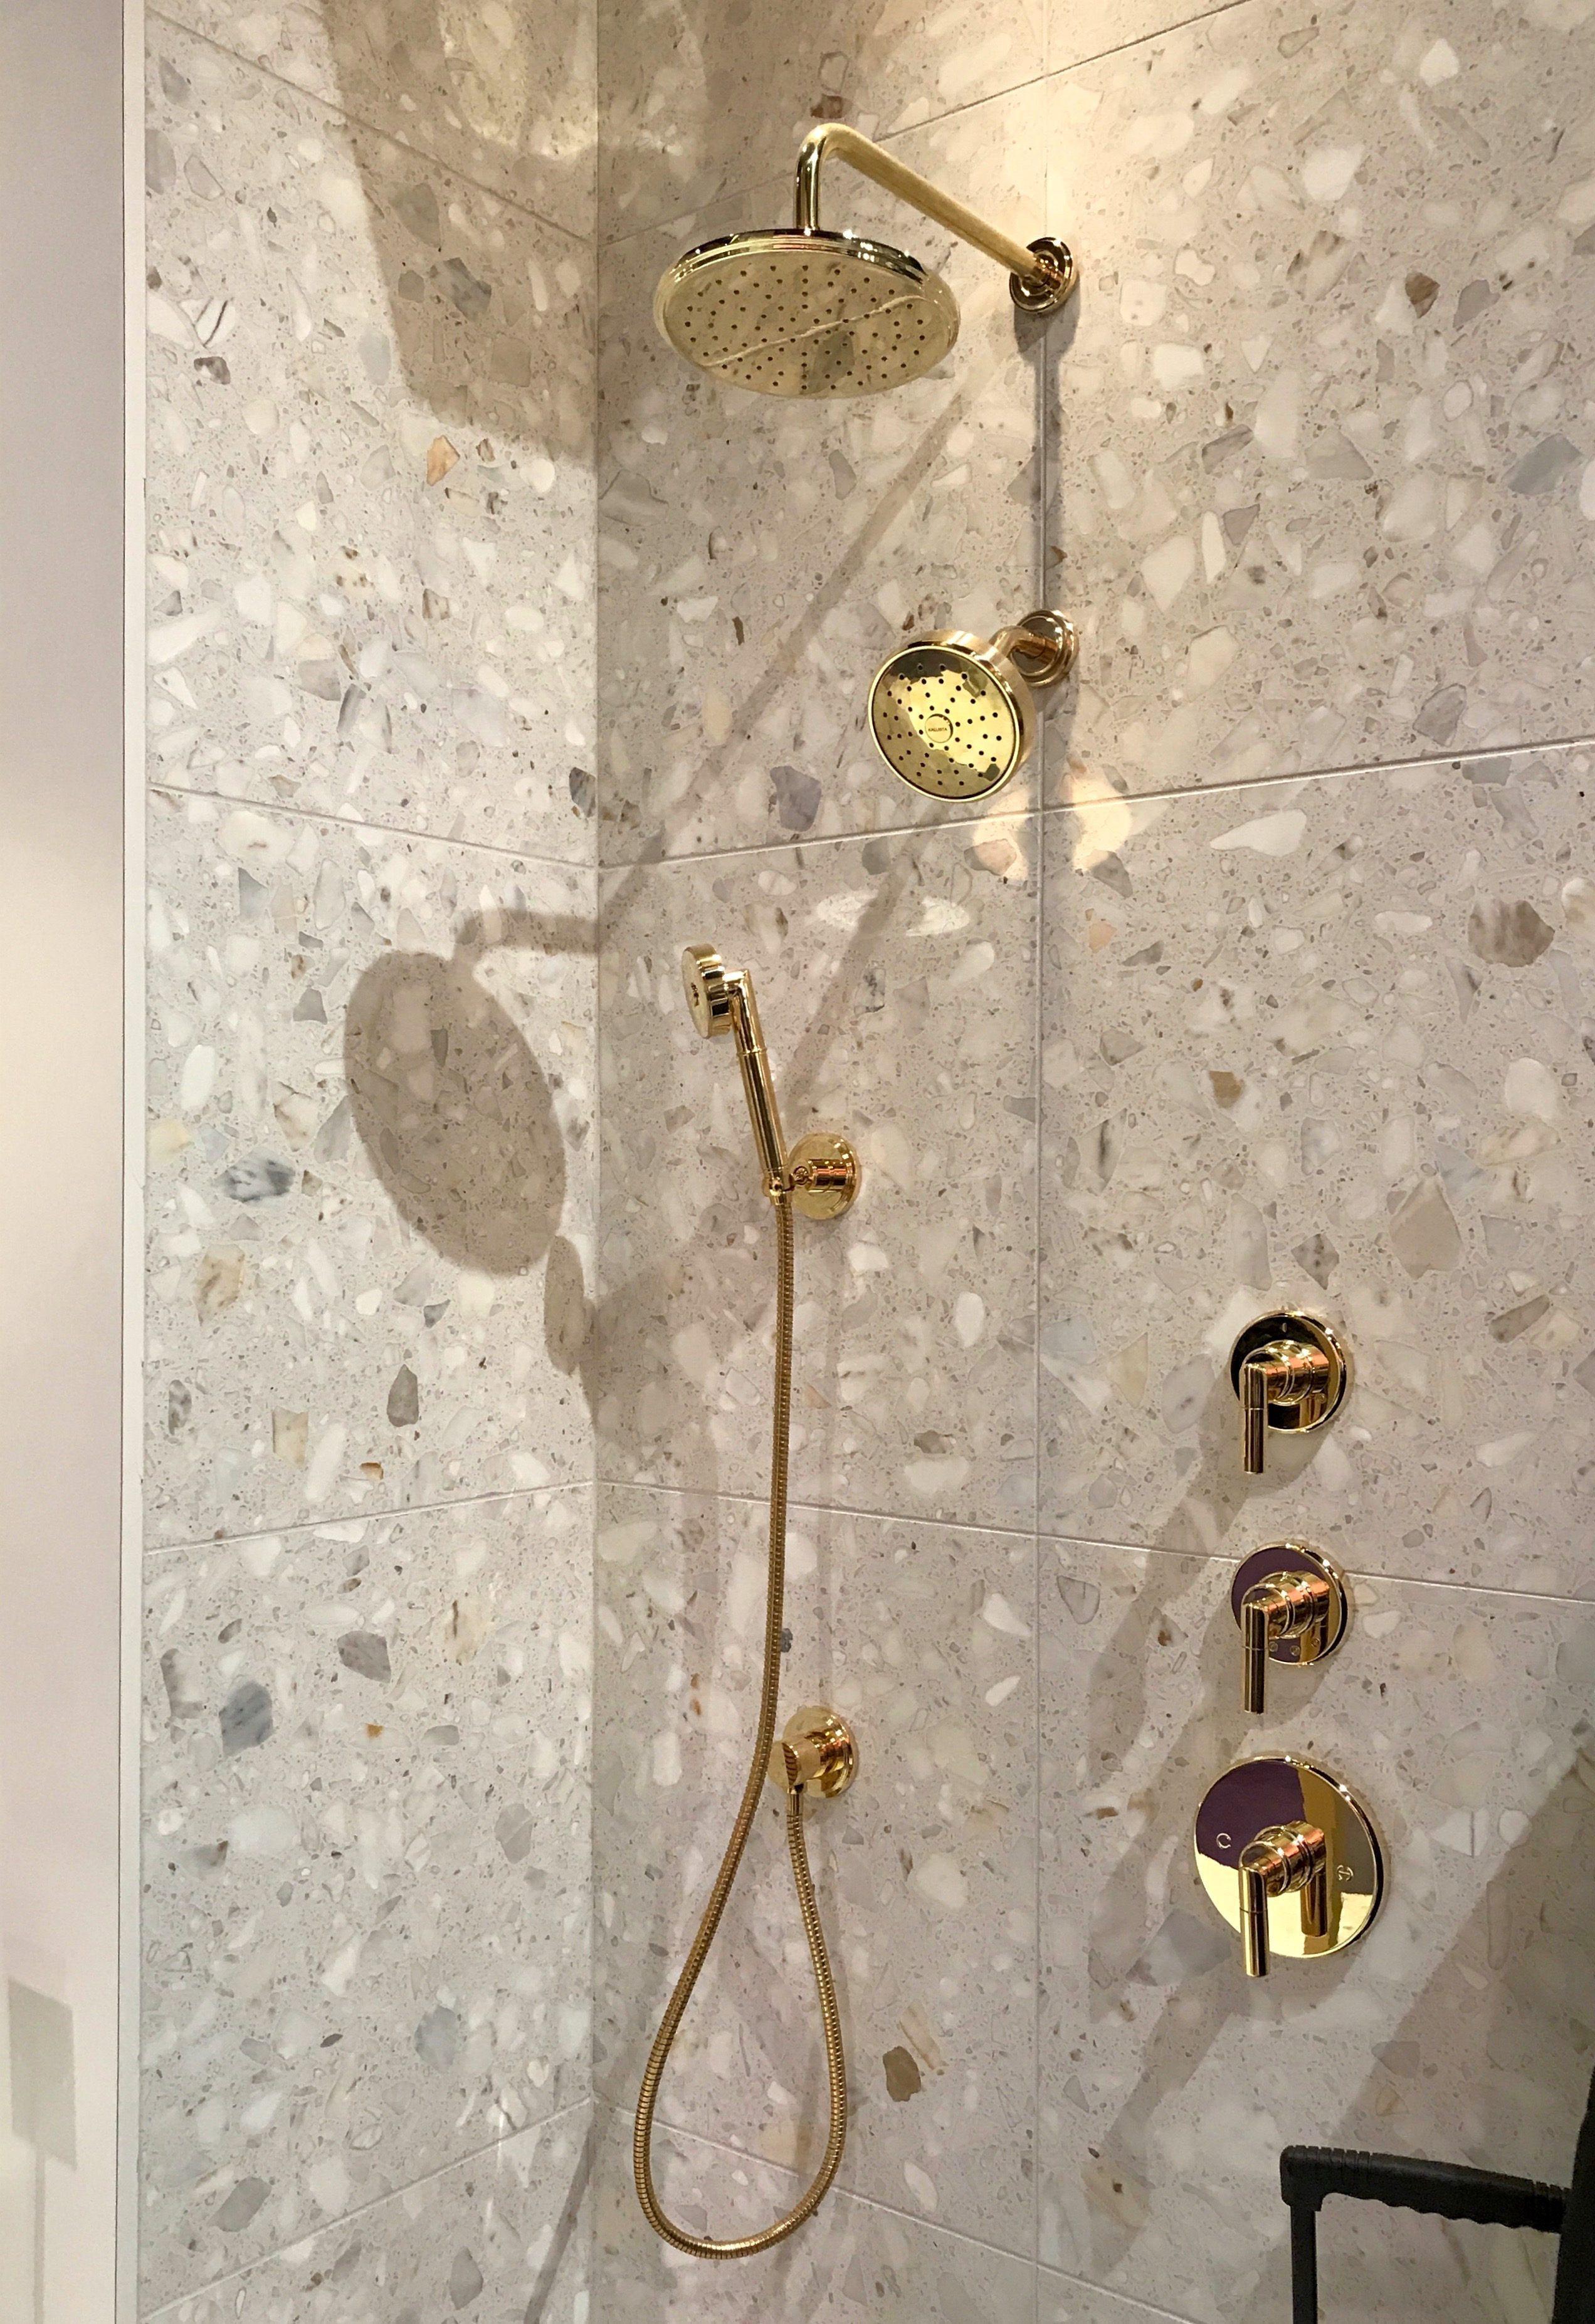 Kohler Brass Shower Fixtures Kbis2019 Designhoundskbis Showerfixturesnearme Shower Fixtures Modern Master Bathroom Kitchen And Bath Design